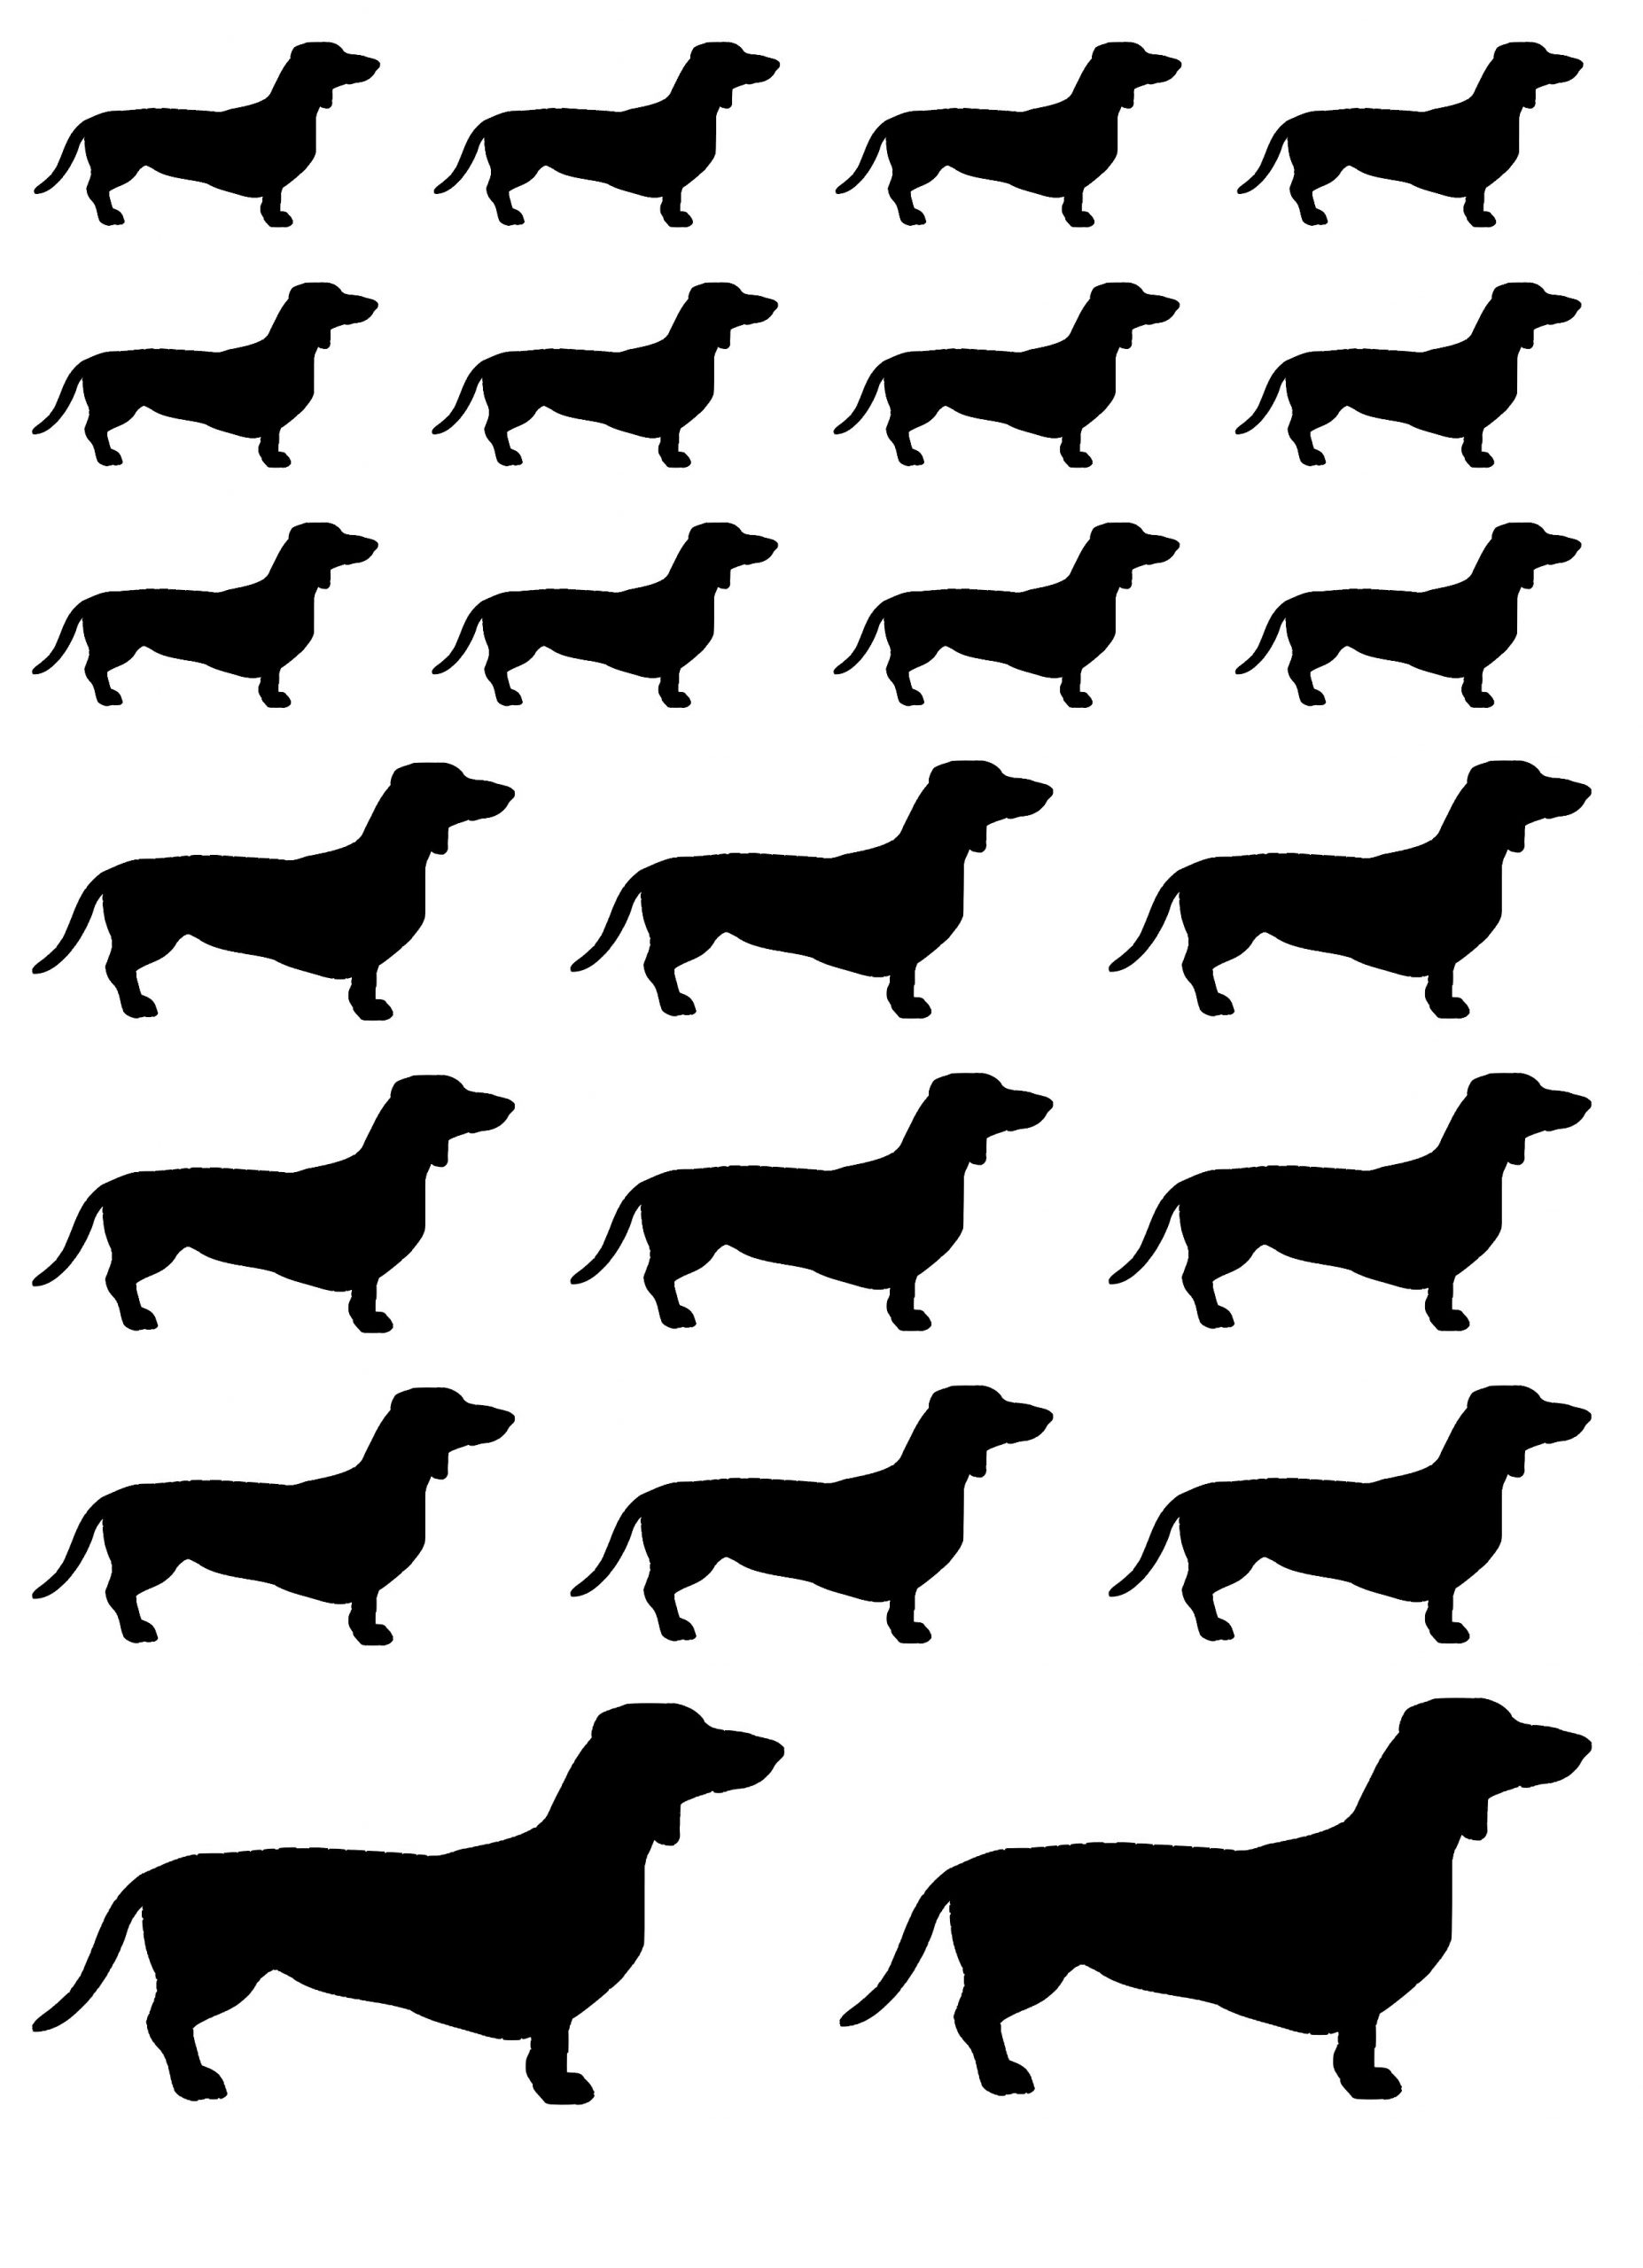 Klistermærker med kæledyr hunde gravhunde ark